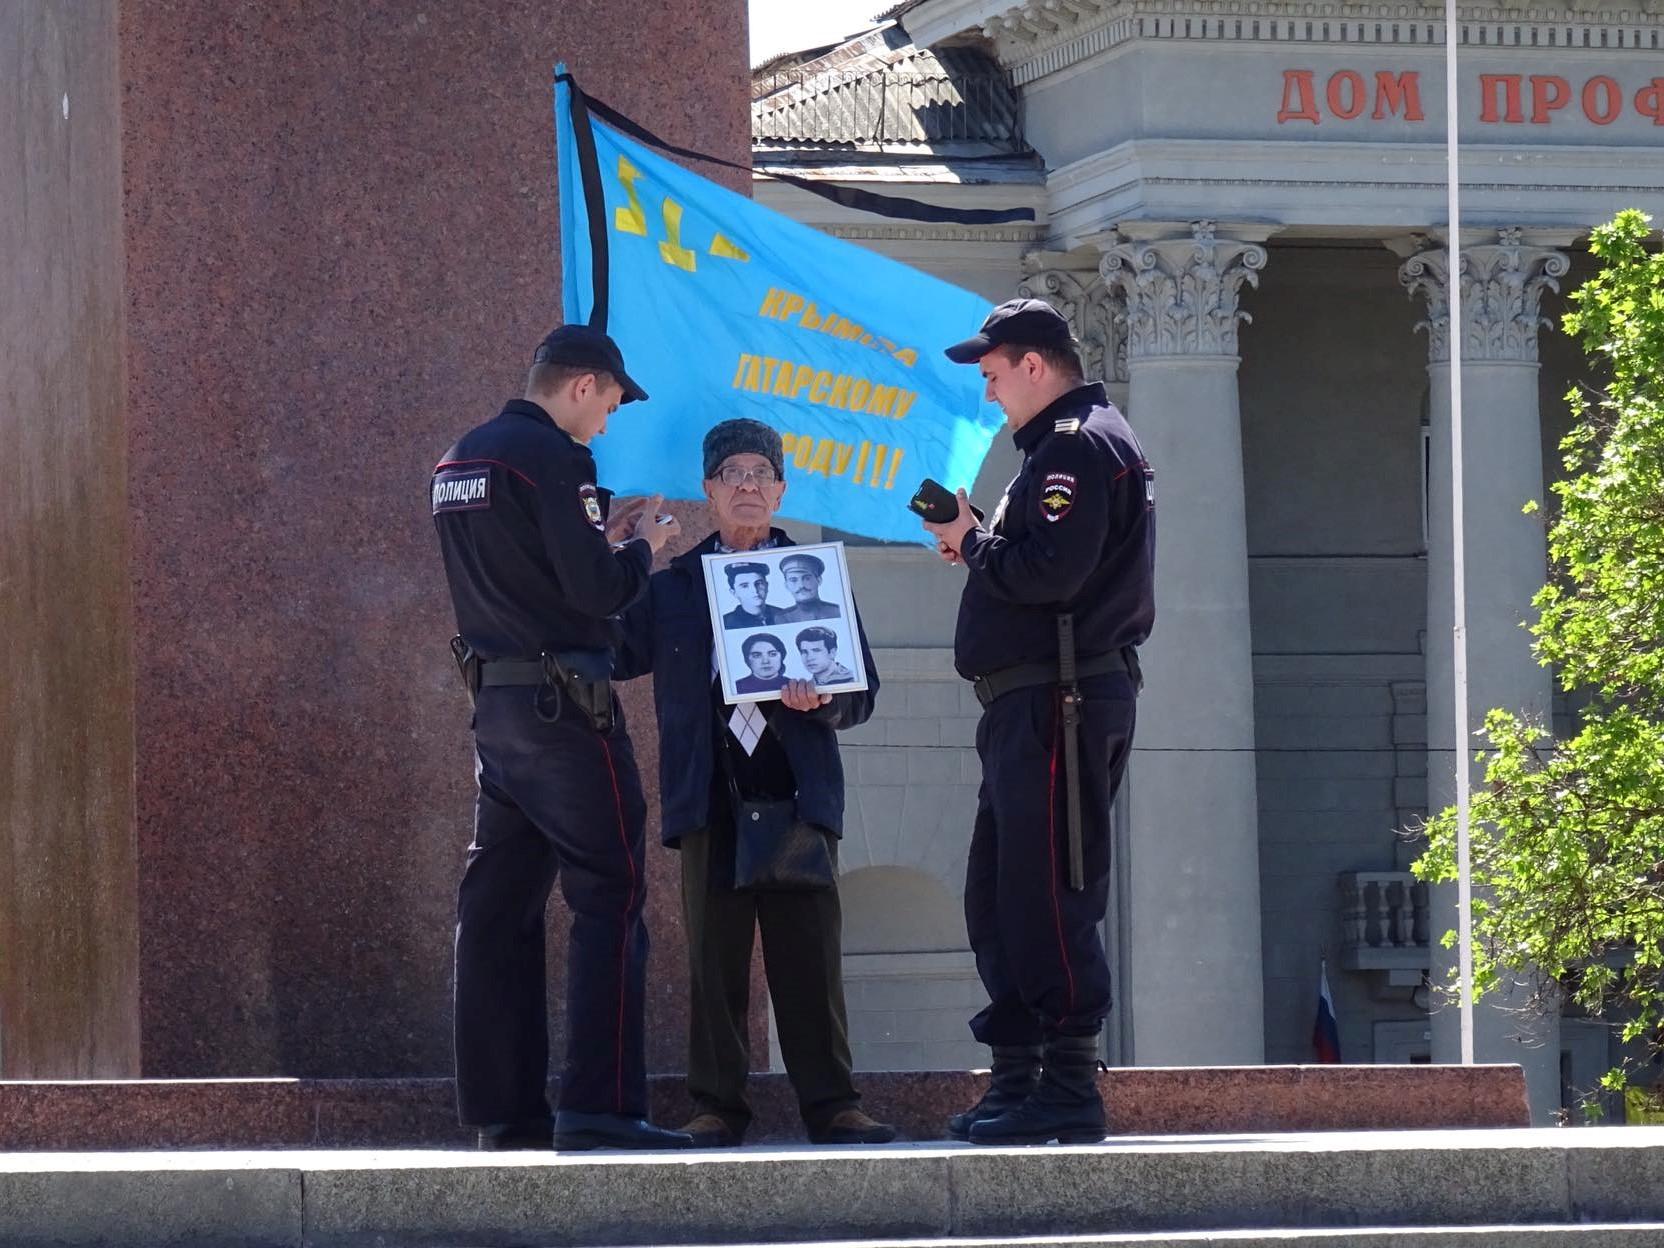 В День памяти жертв депортации в Крыму грубо нарушалась свобода мирных собраний